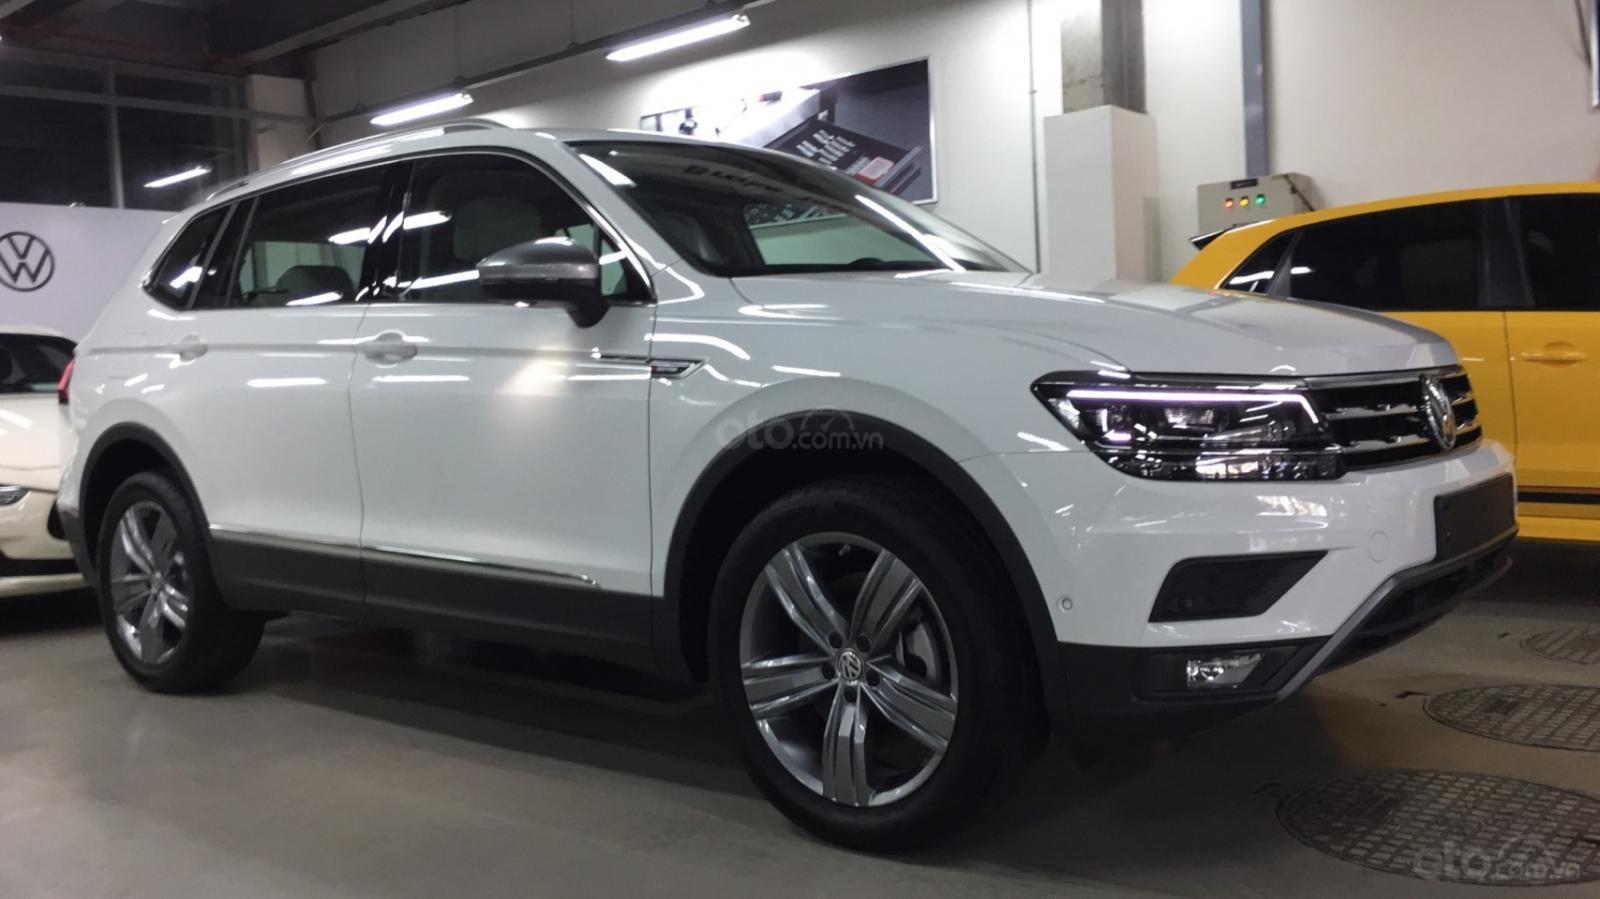 Volkswagen Tiguan Luxury S 2021 những nâng cấp khác biệt đáng quan tâm (1)